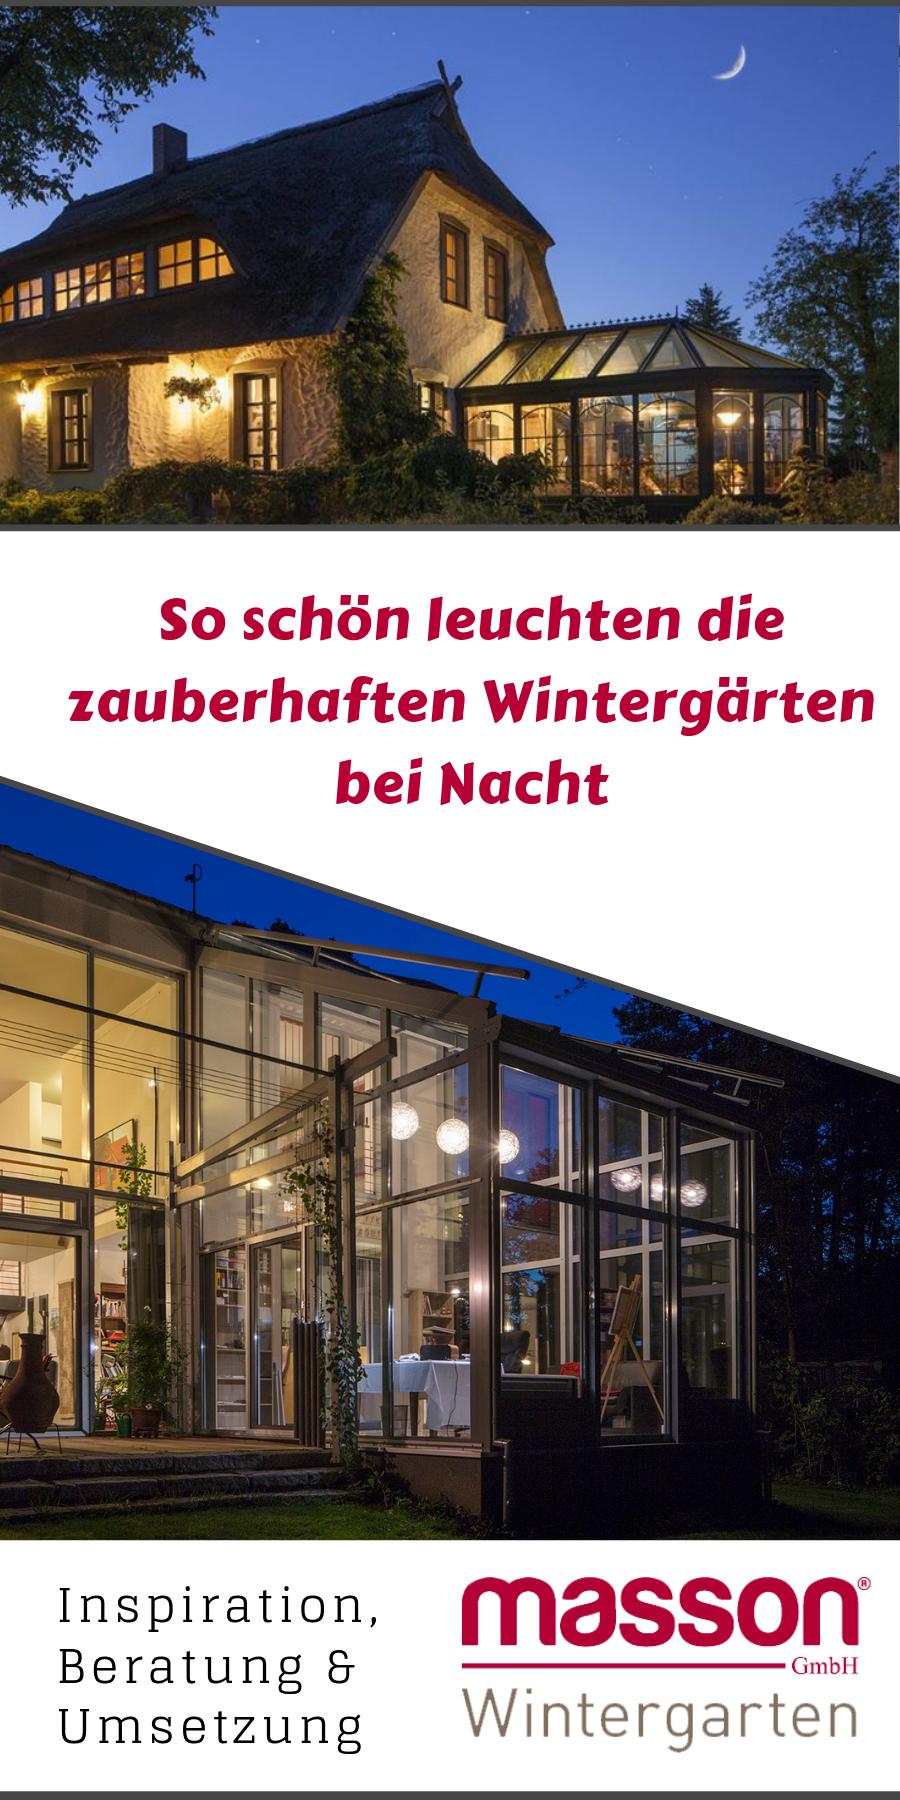 Mit Cleverer Beleuchtung Wird Der Wintergarten Zum Wahren Hingucker Massonwintergarten Traumhaus Wintergarten Terrassendach Garten